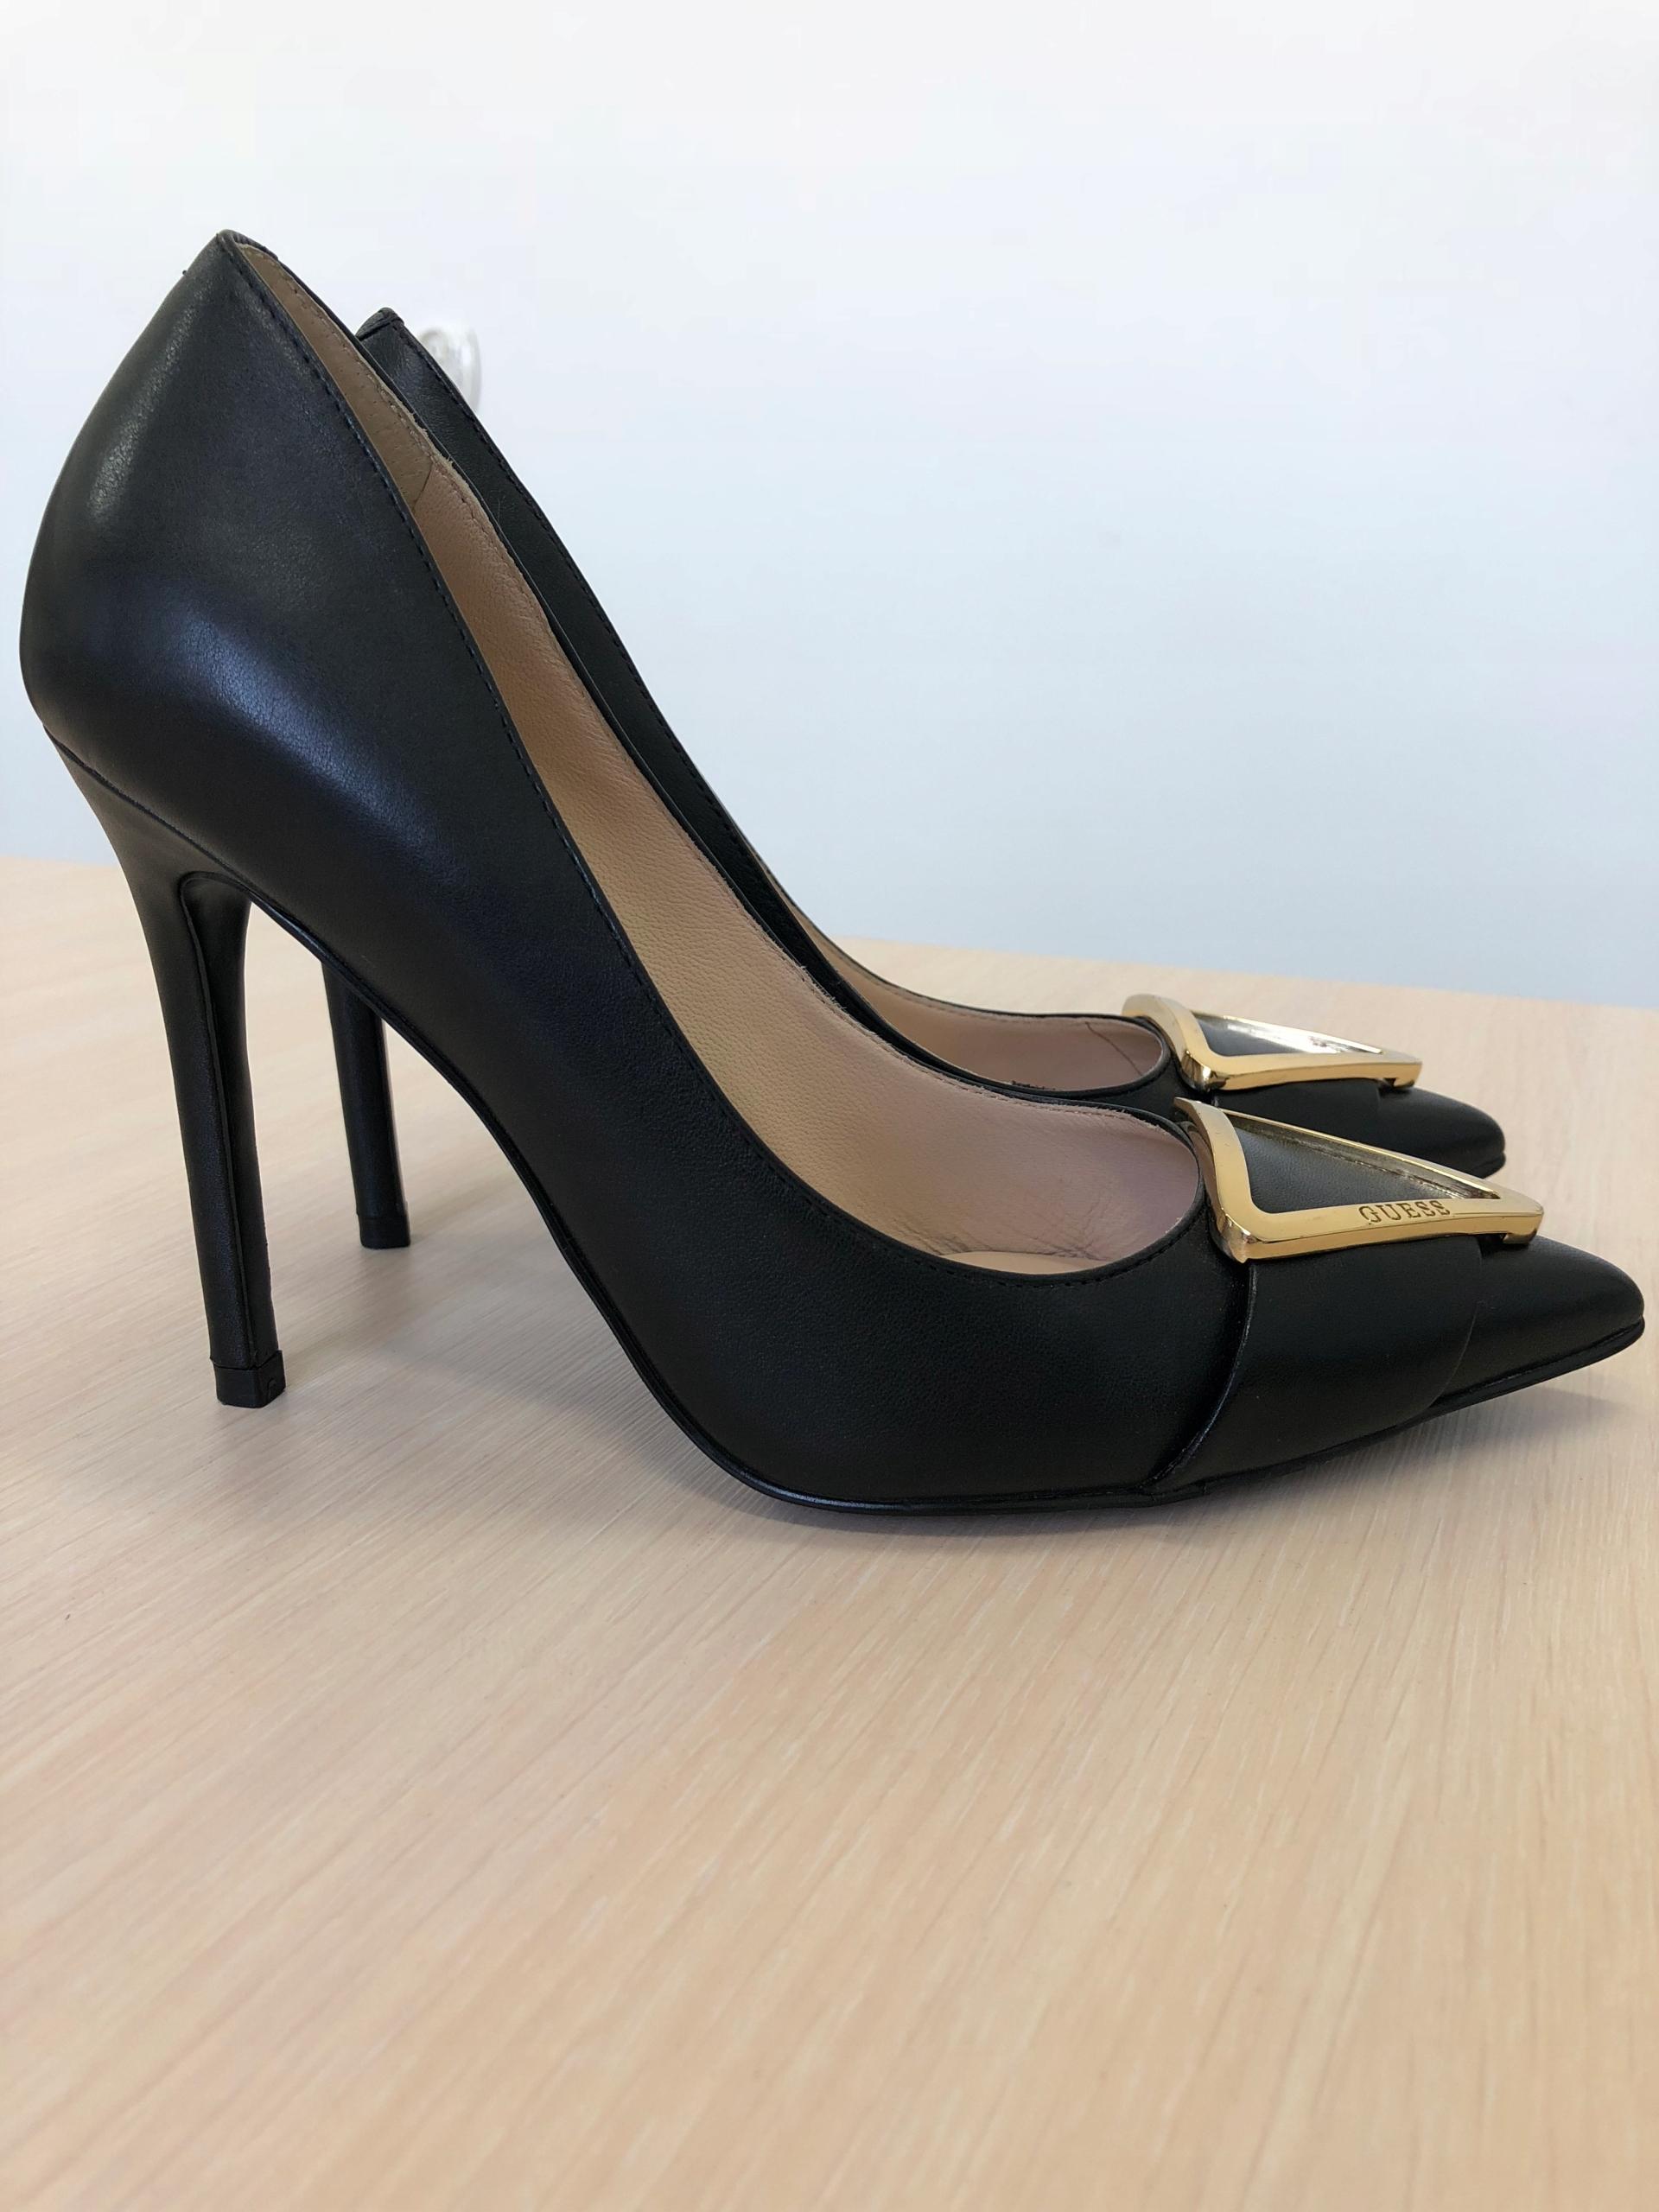 3578f71898f2f Nowe buty Guess rozm 38 śliczne szpilki - 7657098632 - oficjalne ...